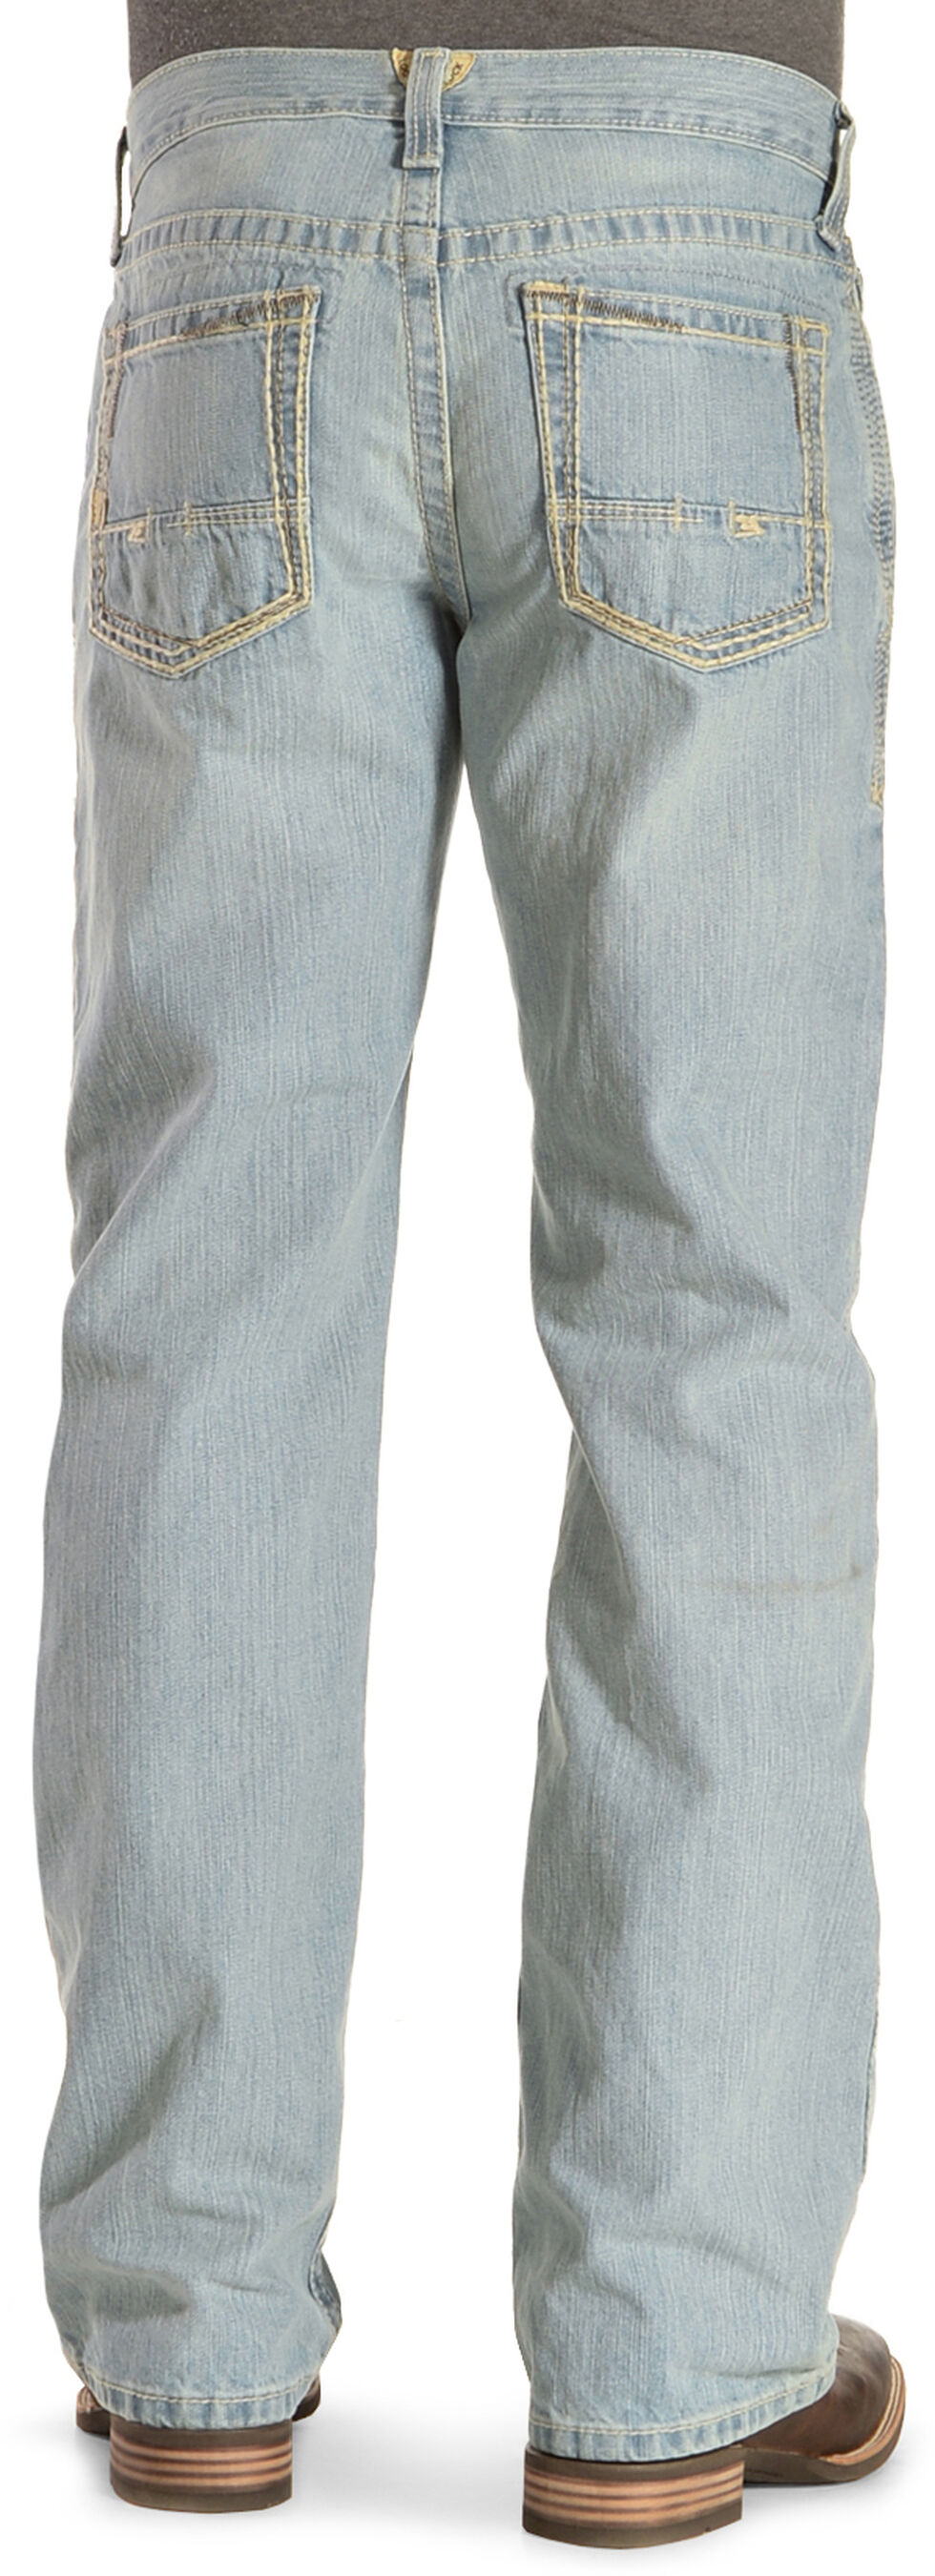 Ariat Denim Jeans - M4 Breakaway Low Rise Slim Fit, Denim, hi-res